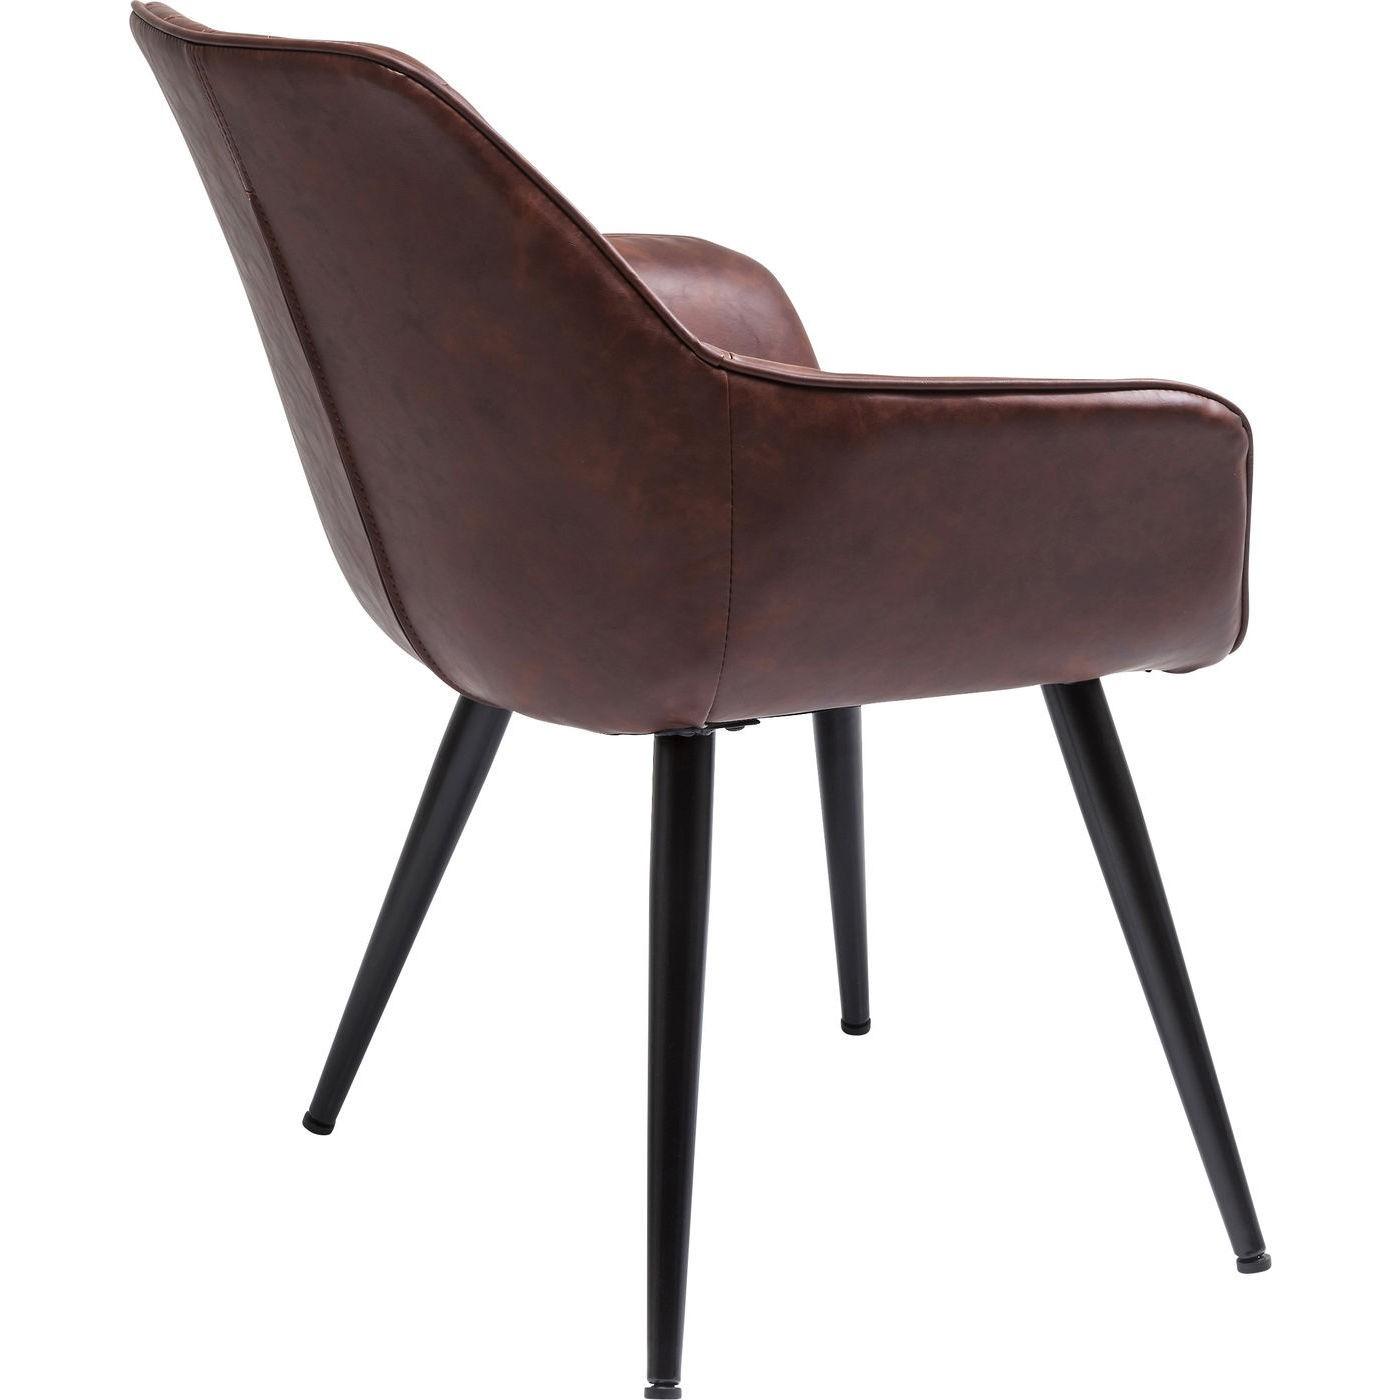 Chaise avec accoudoirs vintage marron et acier